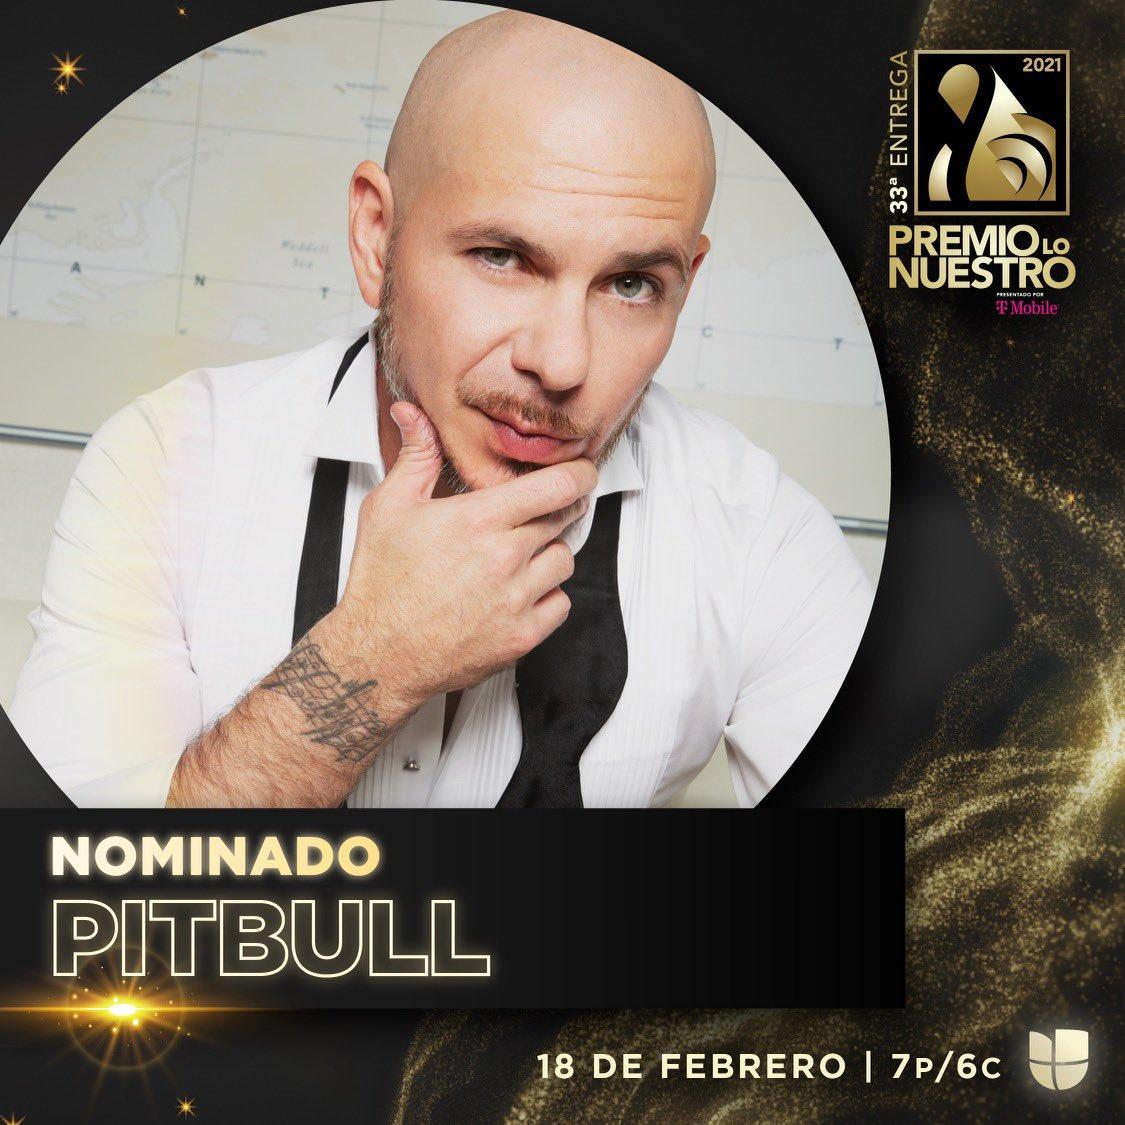 """¡Felicitaciones, @pitbull! 3️⃣ nominaciones a @premiolonuestro:  𝗖𝗼𝗹𝗮𝗯𝗼𝗿𝗮𝗰𝗶𝗼𝗻 """"𝗖𝗿𝗼𝘀𝘀𝗼𝘃𝗲𝗿"""" 𝗗𝗲𝗹 𝗔𝗻𝗼 — 𝙈𝙚 𝙌𝙪𝙚𝙙𝙖𝙧𝙚 𝘾𝙤𝙣𝙩𝙞𝙜𝙤 & 𝙎𝙪𝙗𝙚𝙡𝙤 (𝙁𝙪𝙧𝙩𝙝𝙚𝙧 𝙐𝙥)  𝗖𝗮𝗻𝗰𝗶𝗼𝗻 𝗗𝗲𝗹 𝗔𝗻𝗼 — 𝙈𝙚 𝙌𝙪𝙚𝙙𝙖𝙧𝙚 𝘾𝙤𝙣𝙩𝙞𝙜𝙤 🔥🏆"""